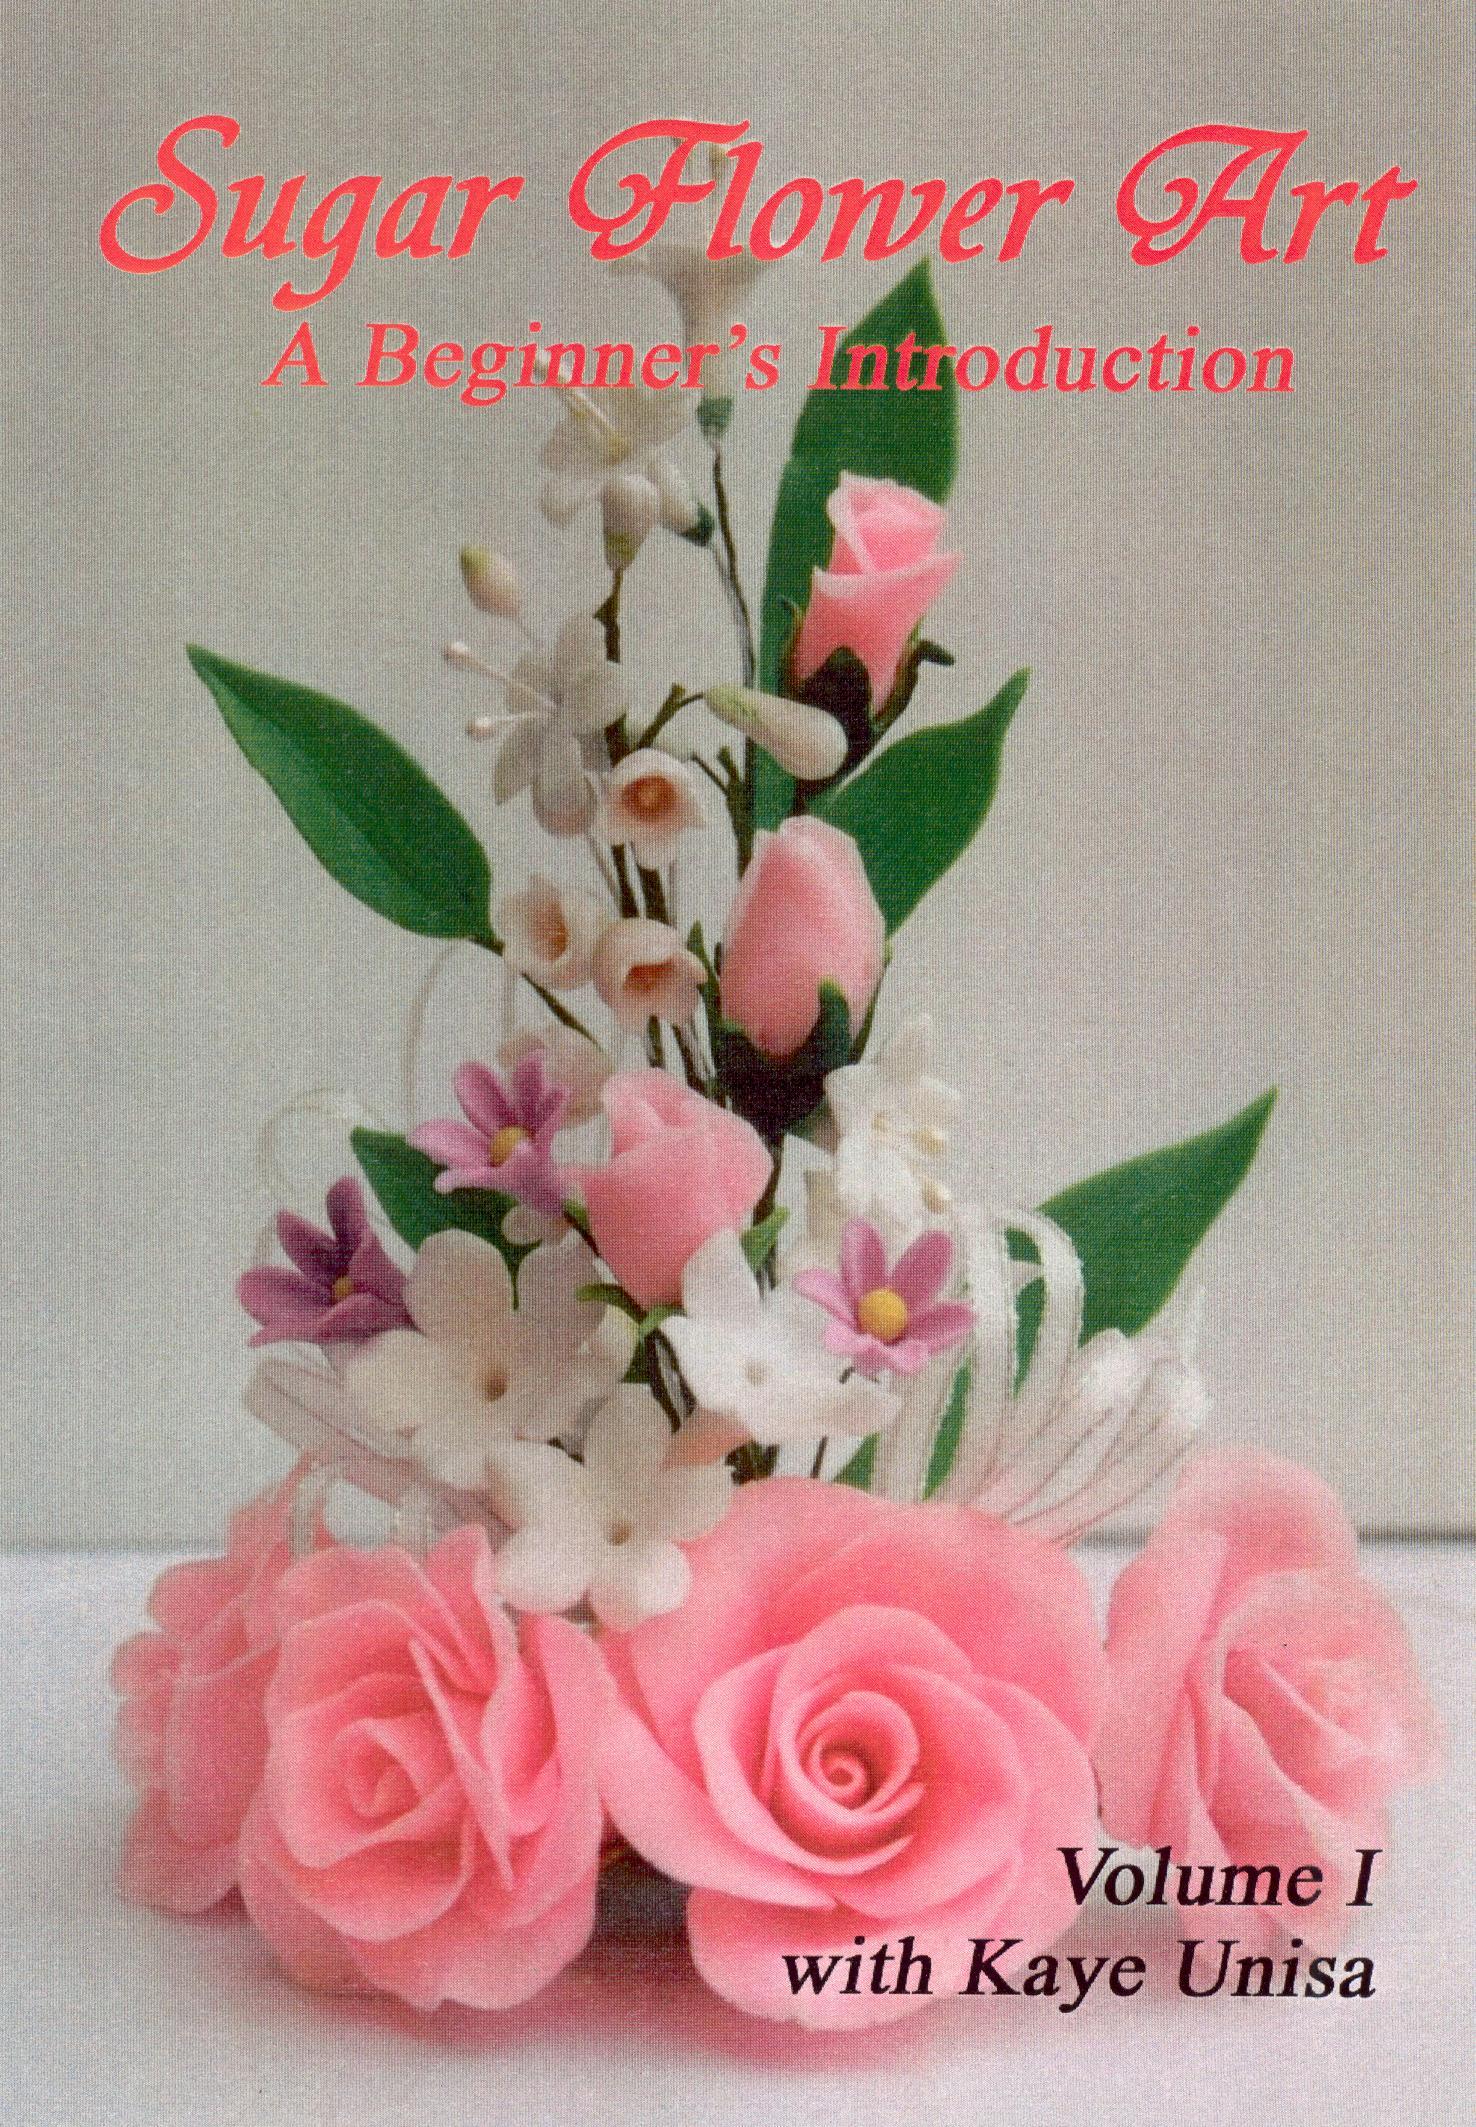 Sugar Flower Art, Vol. 1: A Beginner's Introduction